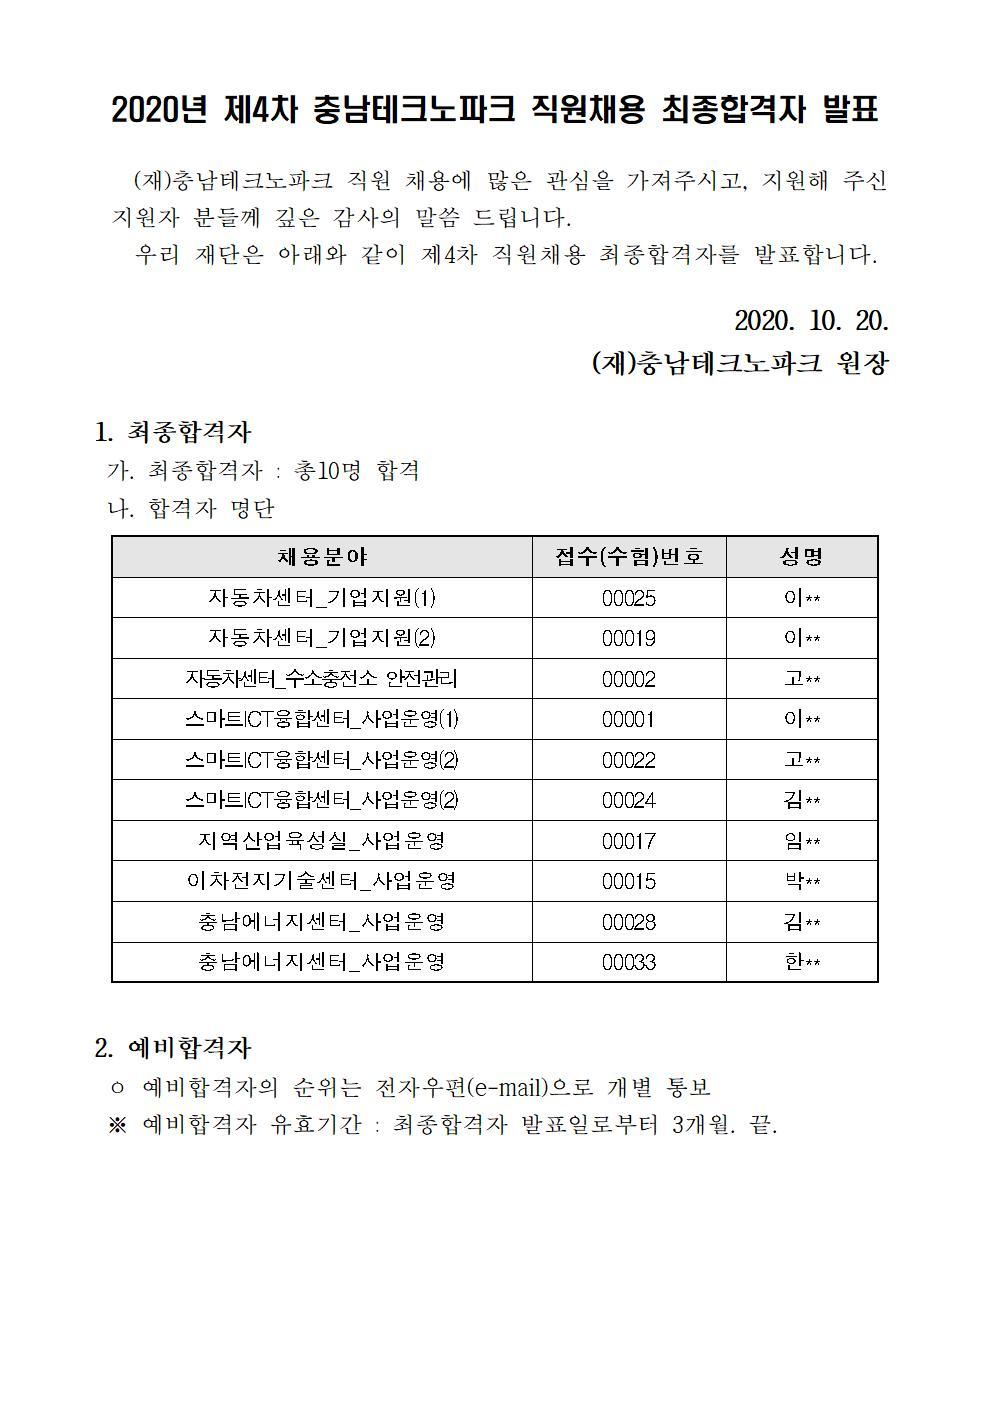 제4차 채용_최종합격자 발표 안내.jpg